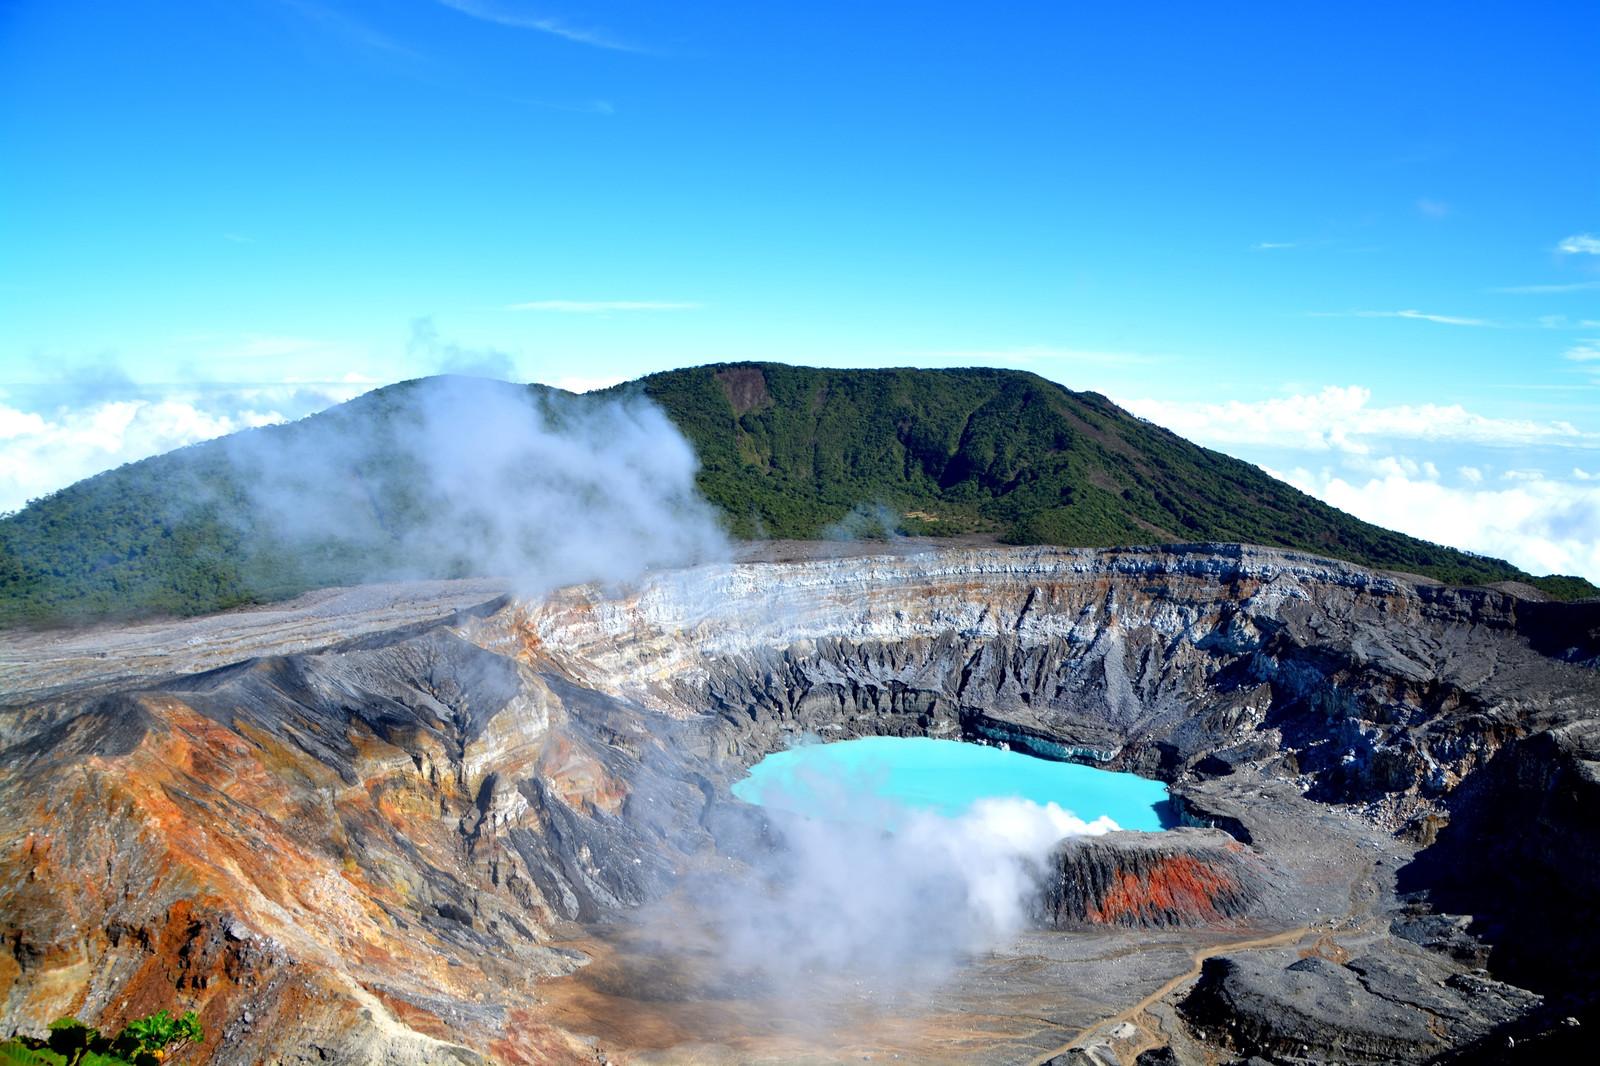 людям кратер вулкана картинки надо впадать